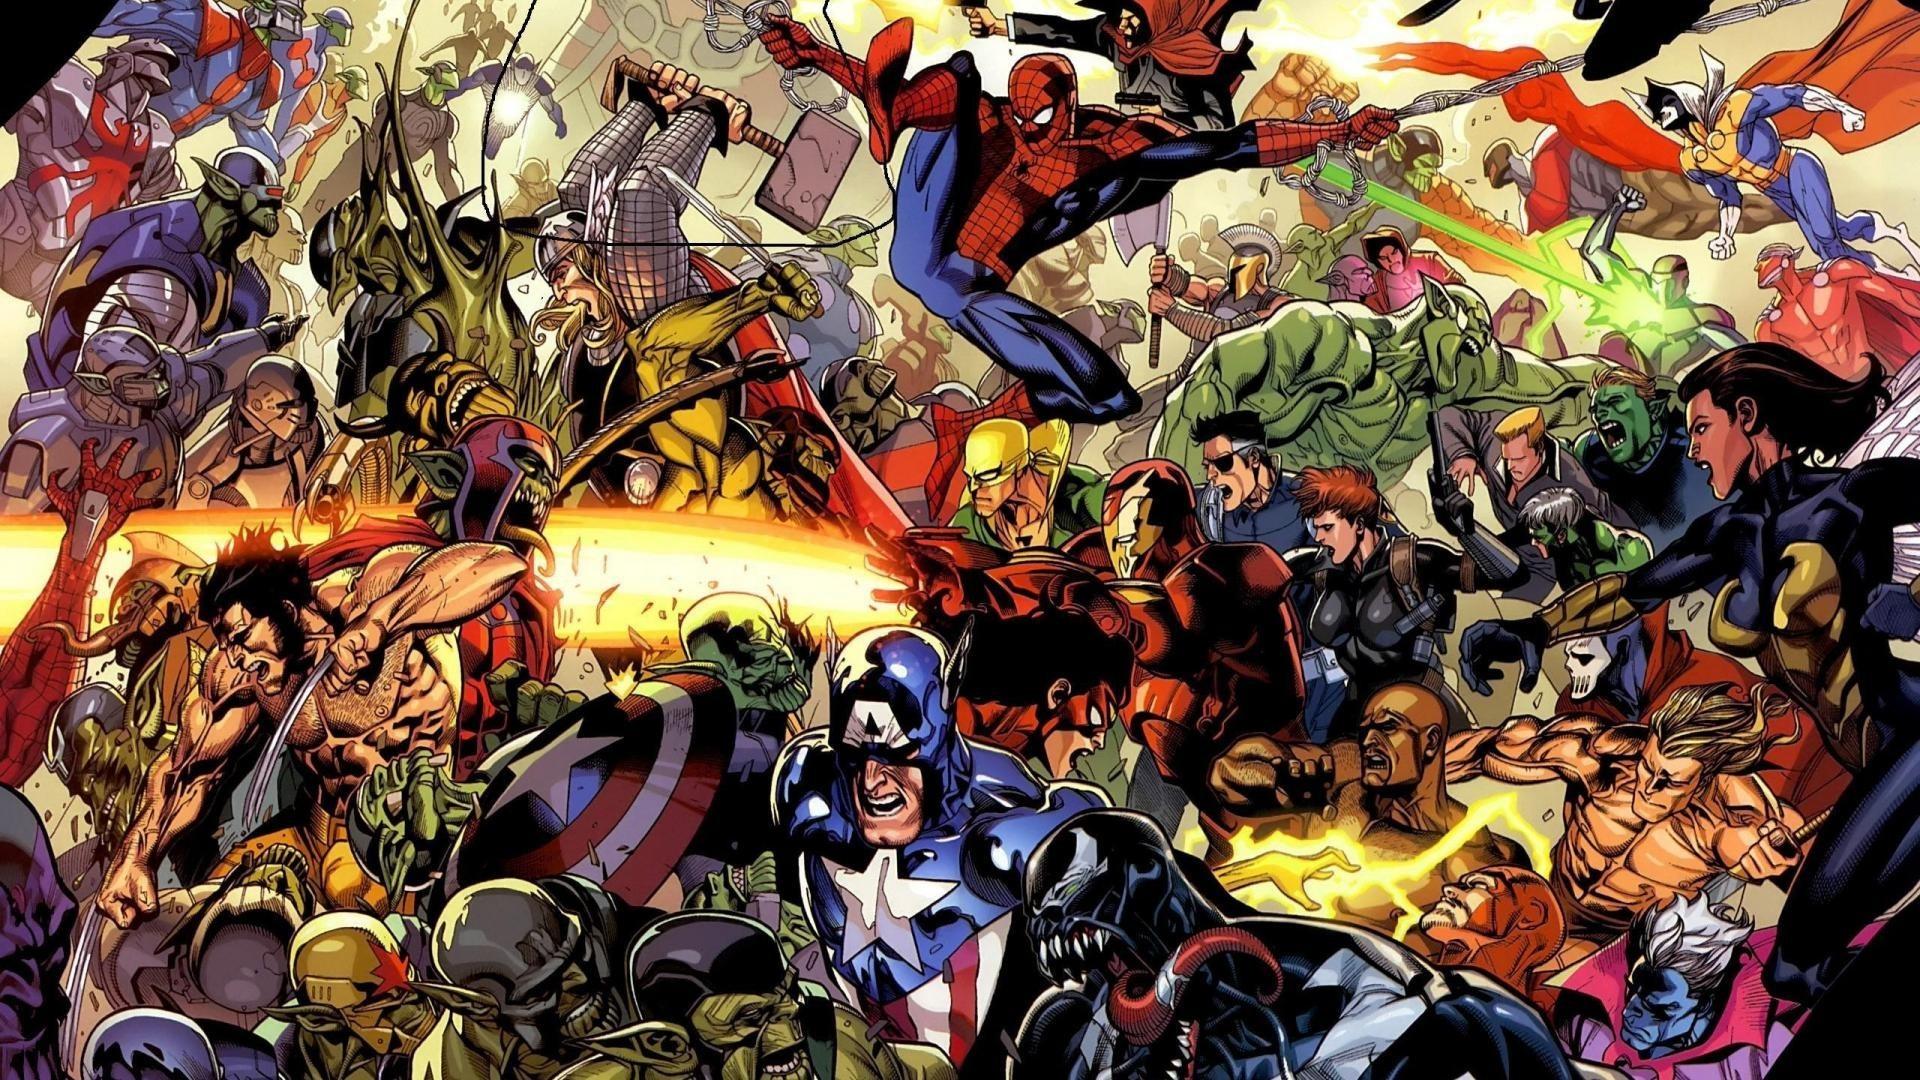 Res: 1920x1080, Res: , marvel superheroes HD Wallpaper - Marvel Wallpaper Comic Wallpaper  Superhero Wallpaper